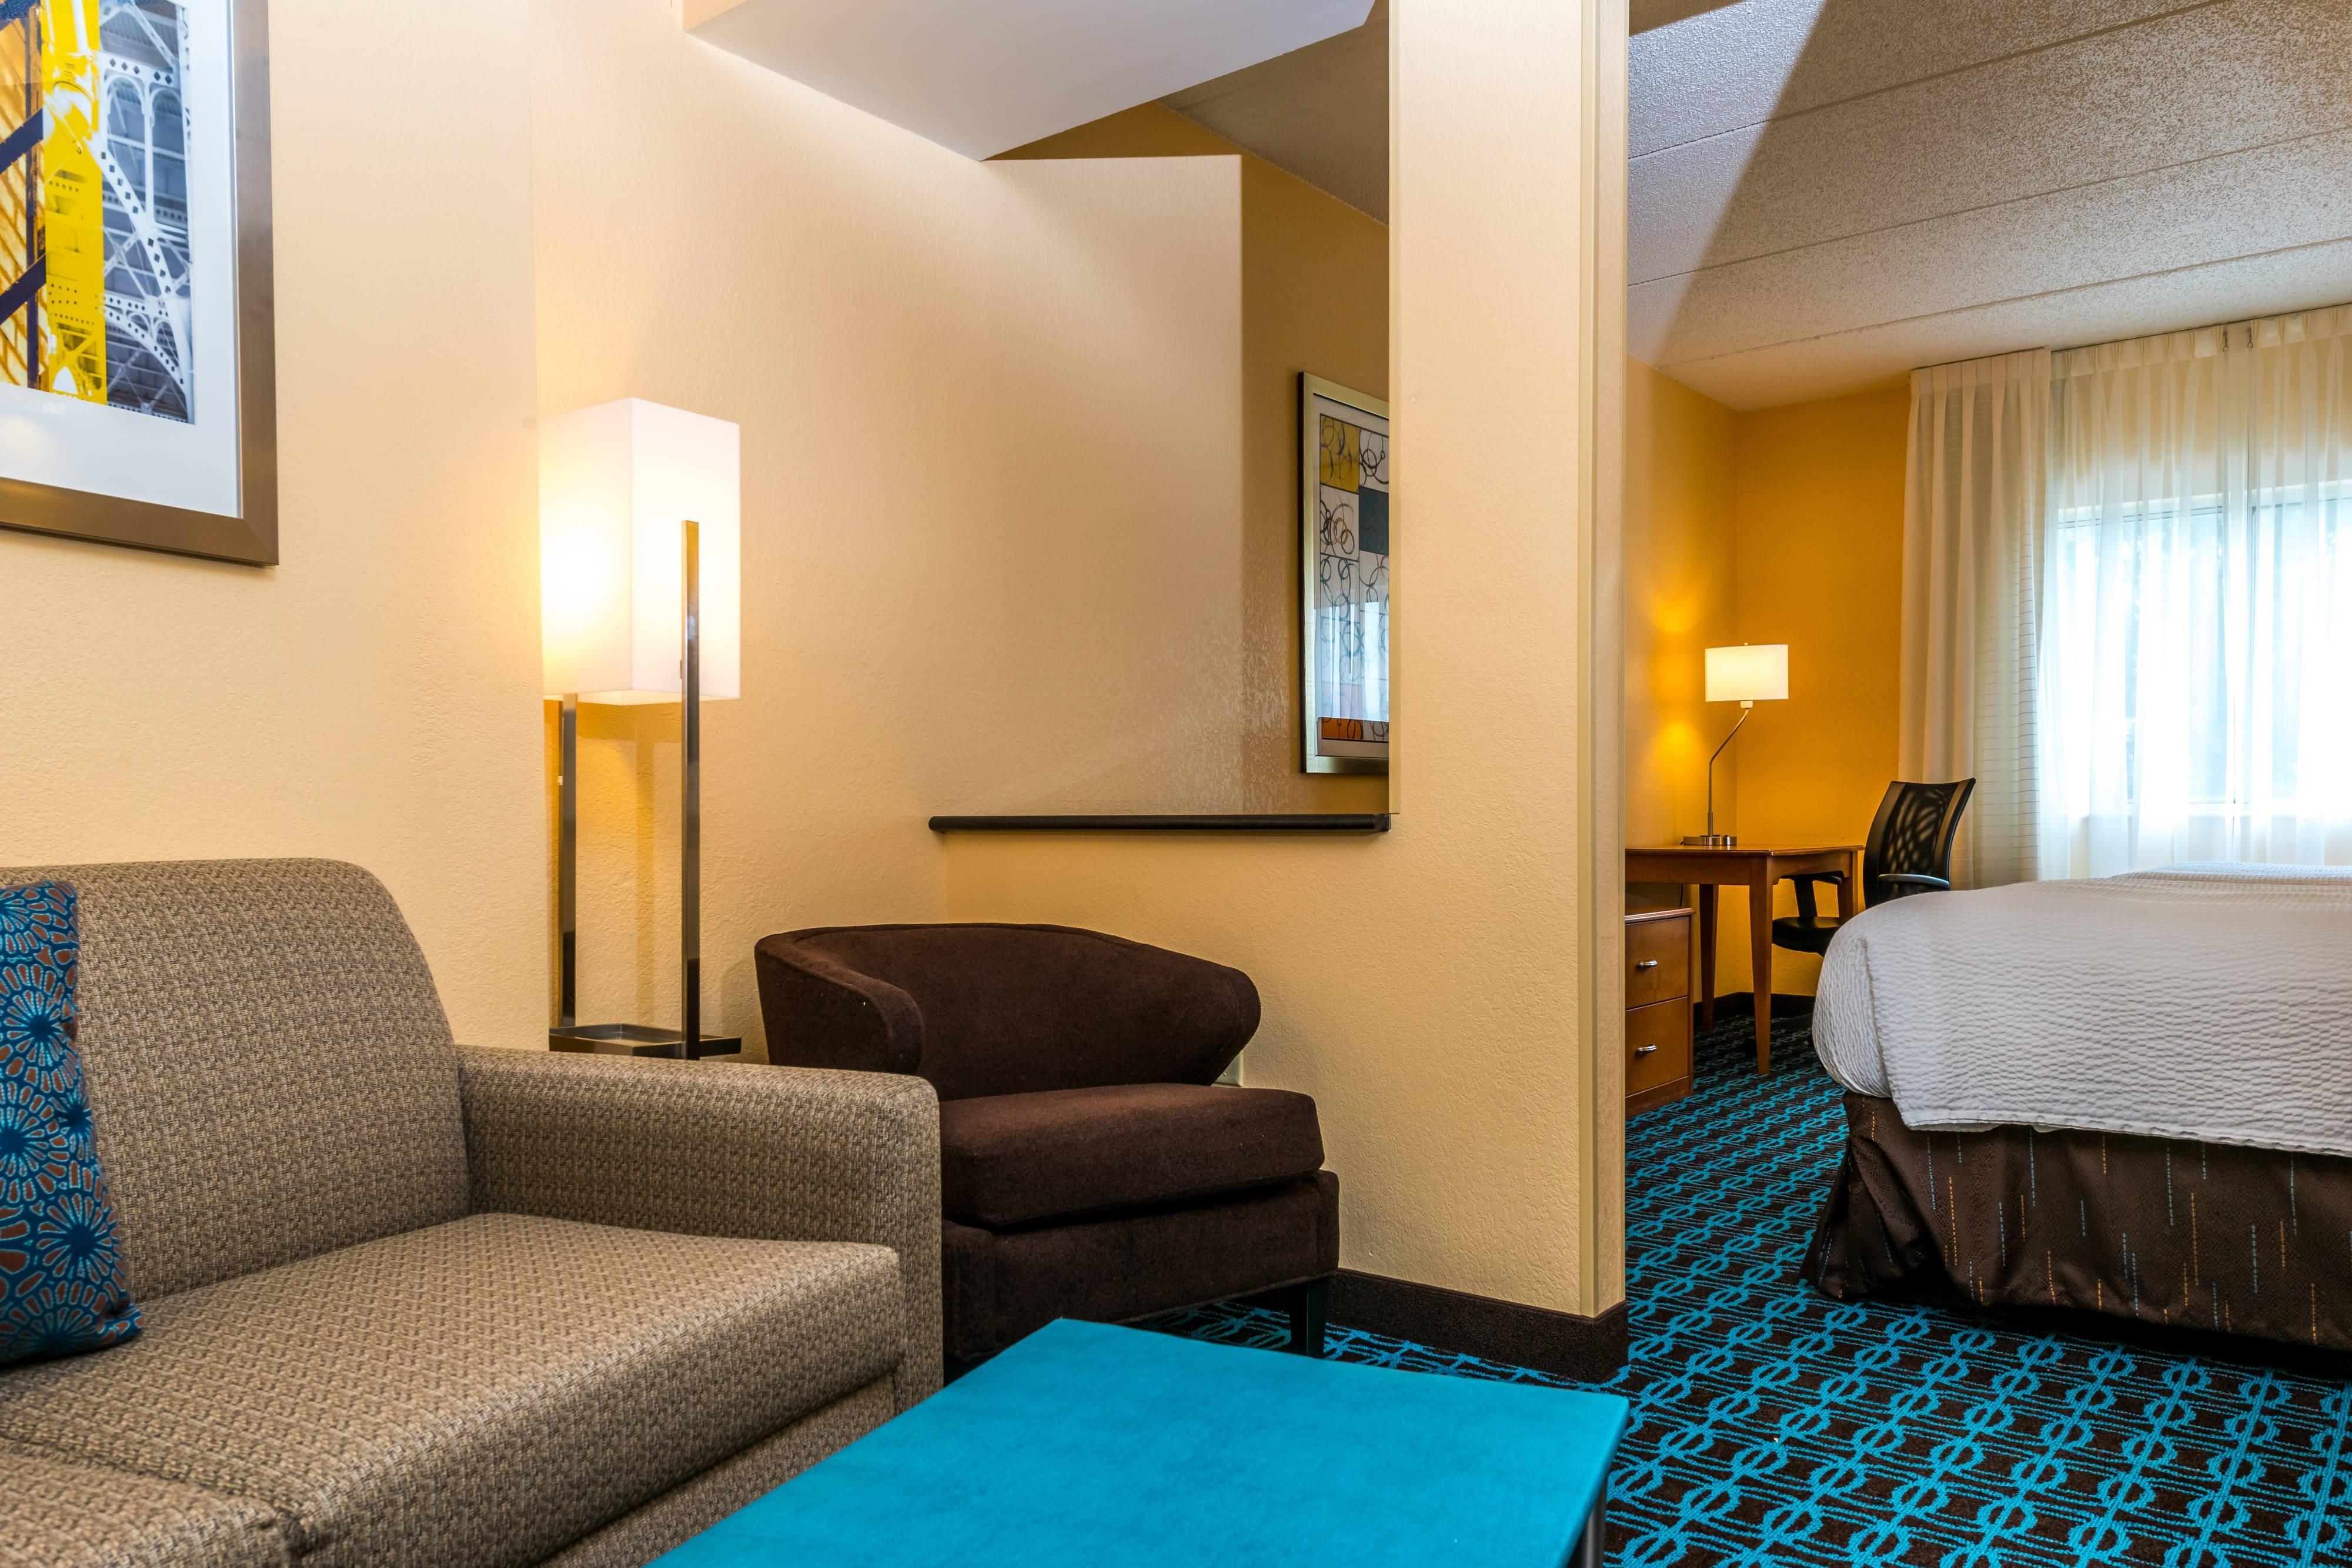 Fairfield Inn and Suites Nashville Opryland